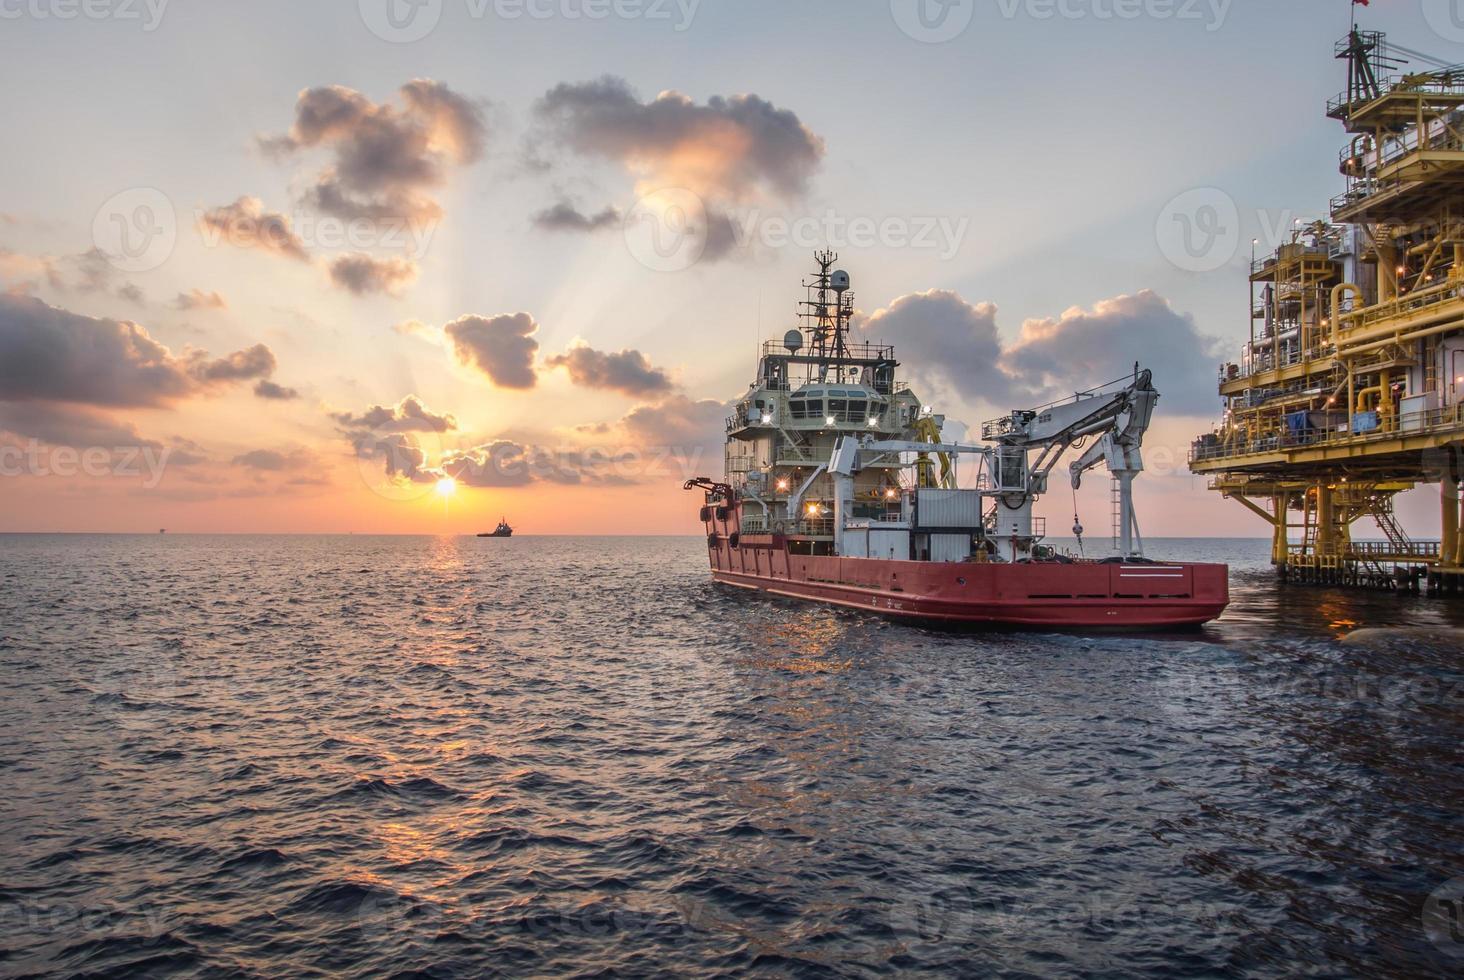 rifornire la barca al tramonto foto